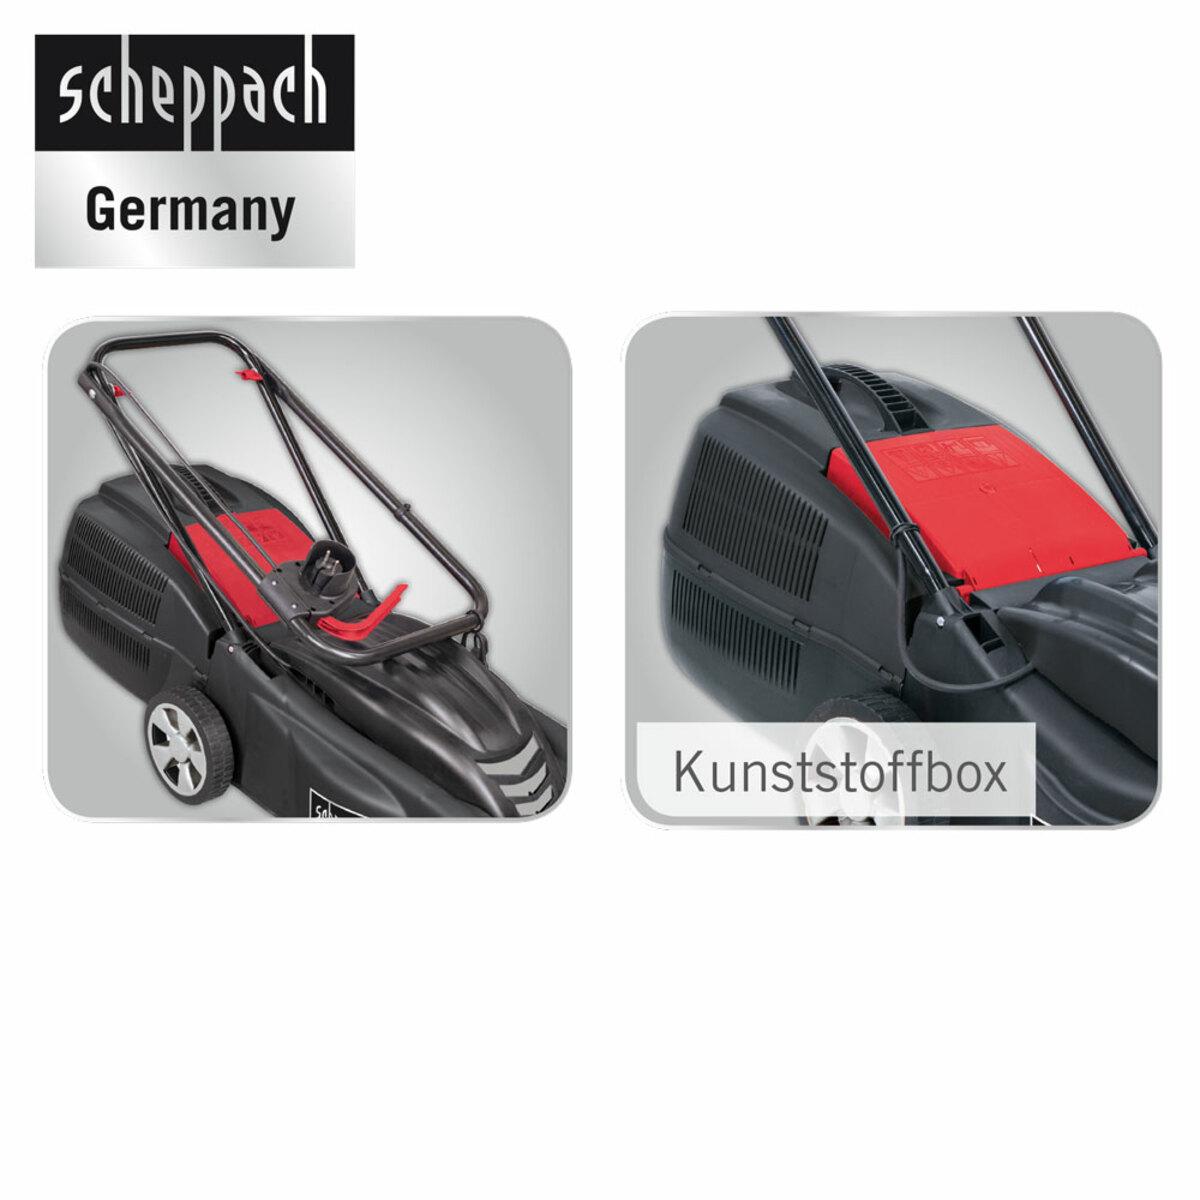 Bild 5 von Scheppach Elektro Rasenmäher EMP-33 1.00kW 230V/50Hz